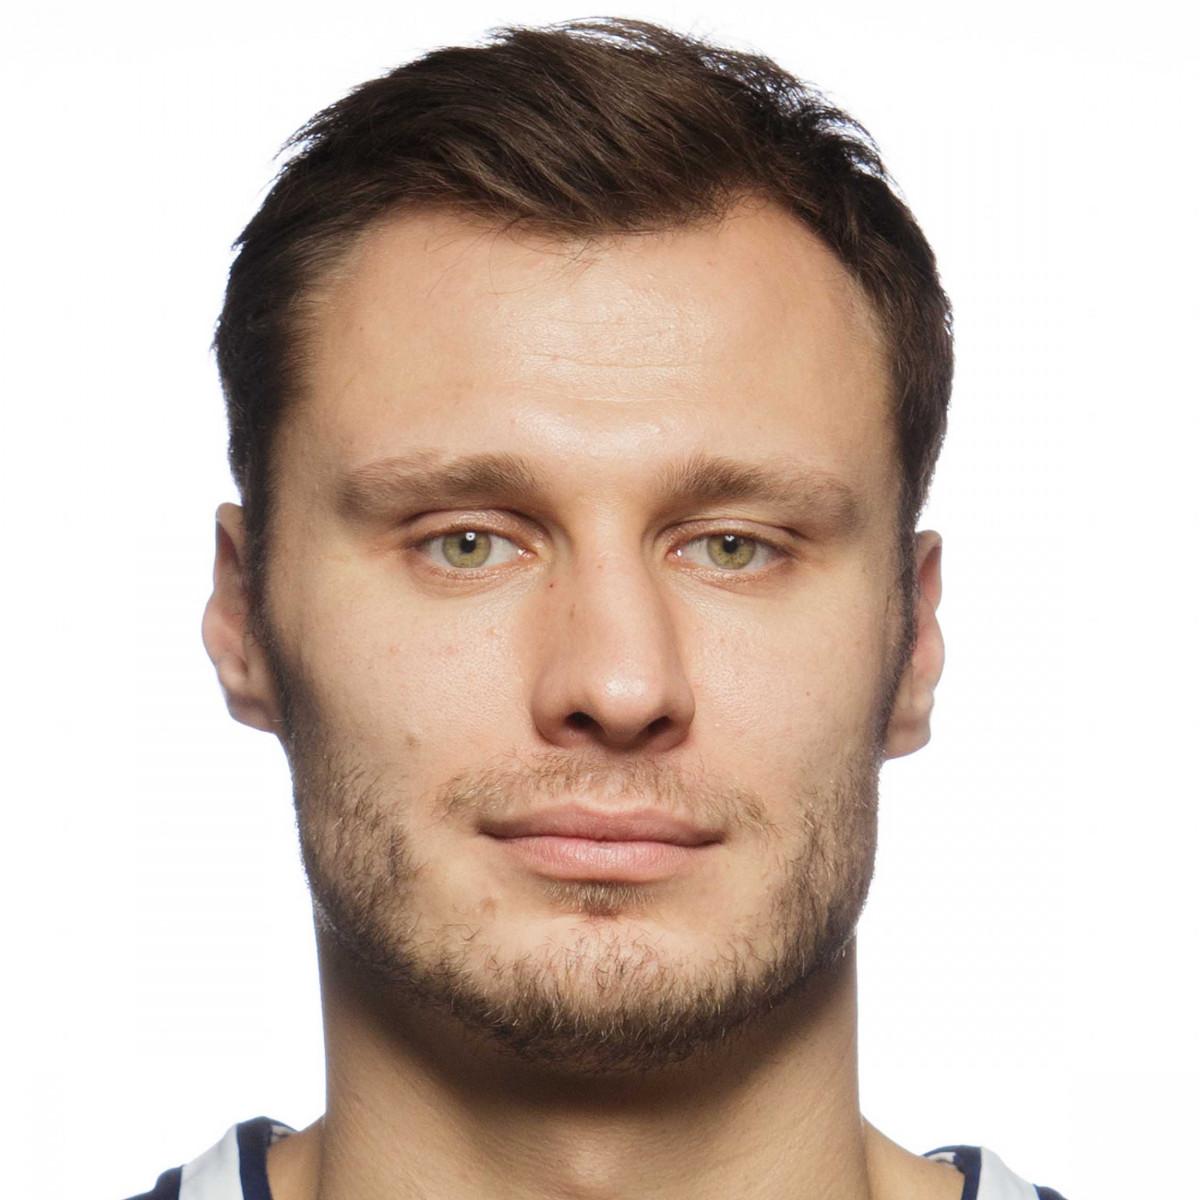 Dzmitry Paliashchuk